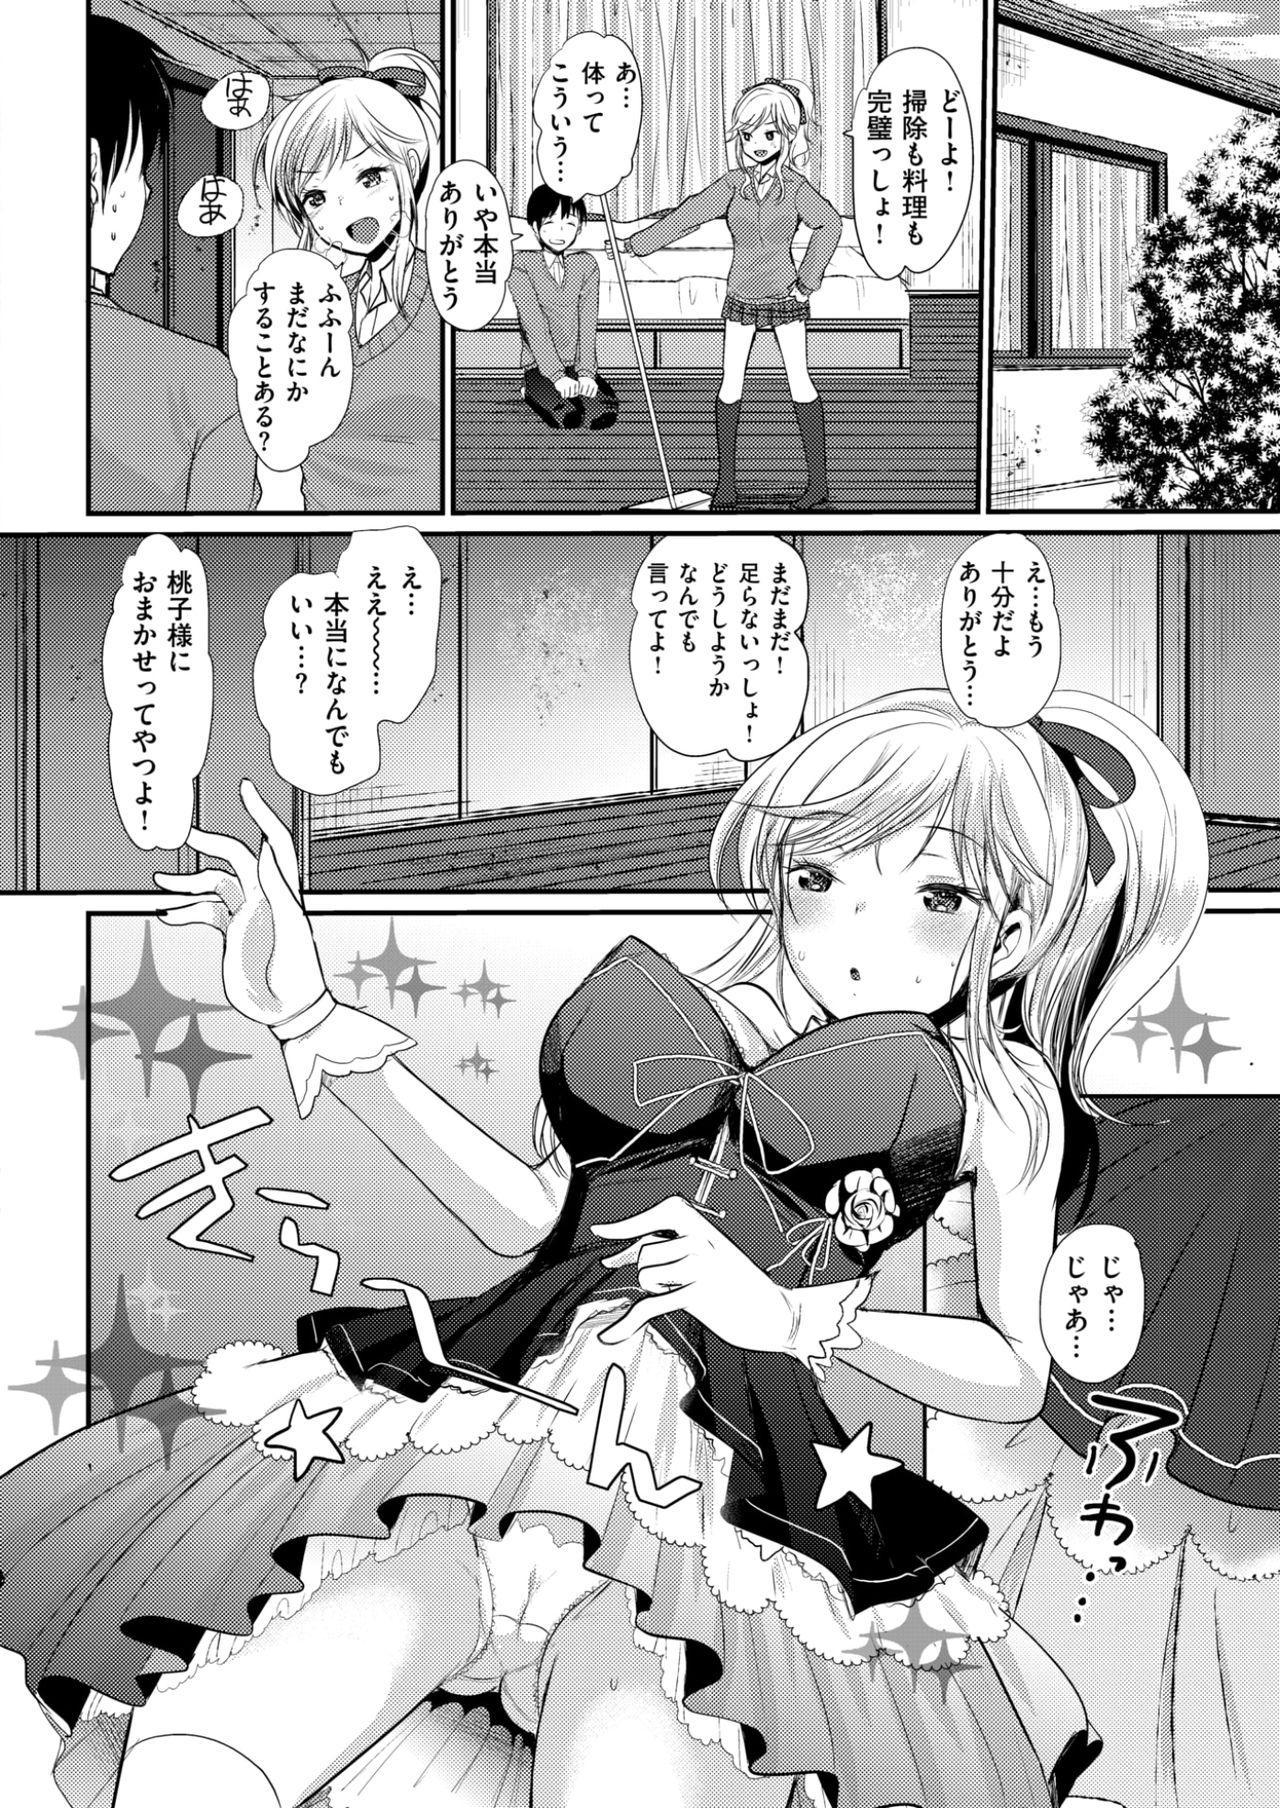 COMIC Kairakuten BEAST 2017-04 288